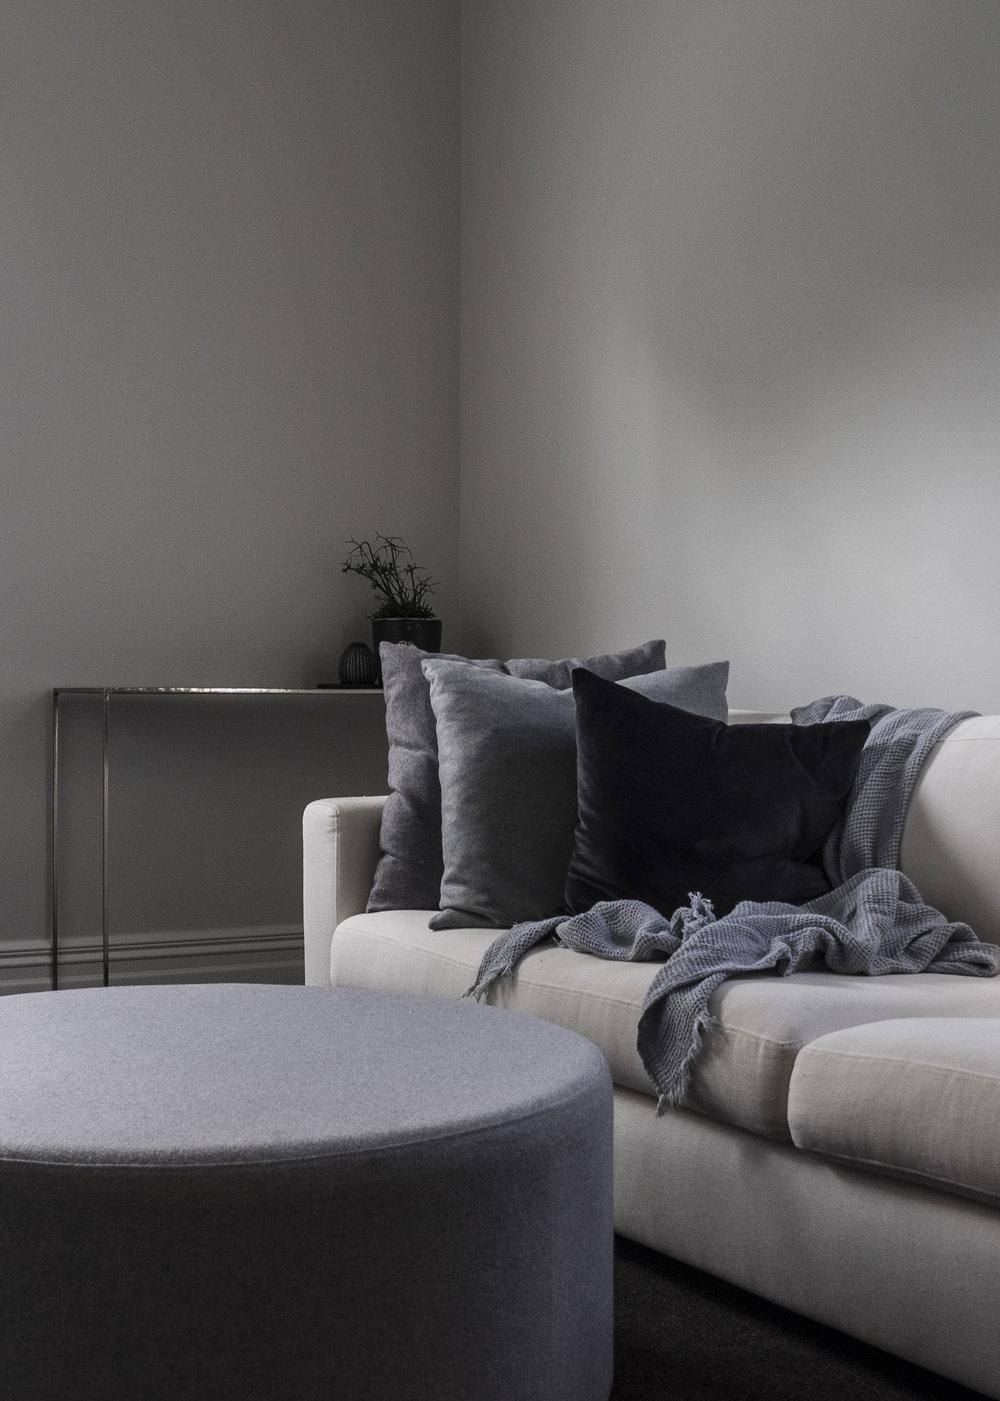 Sonya Cotter Interior Design - Residential